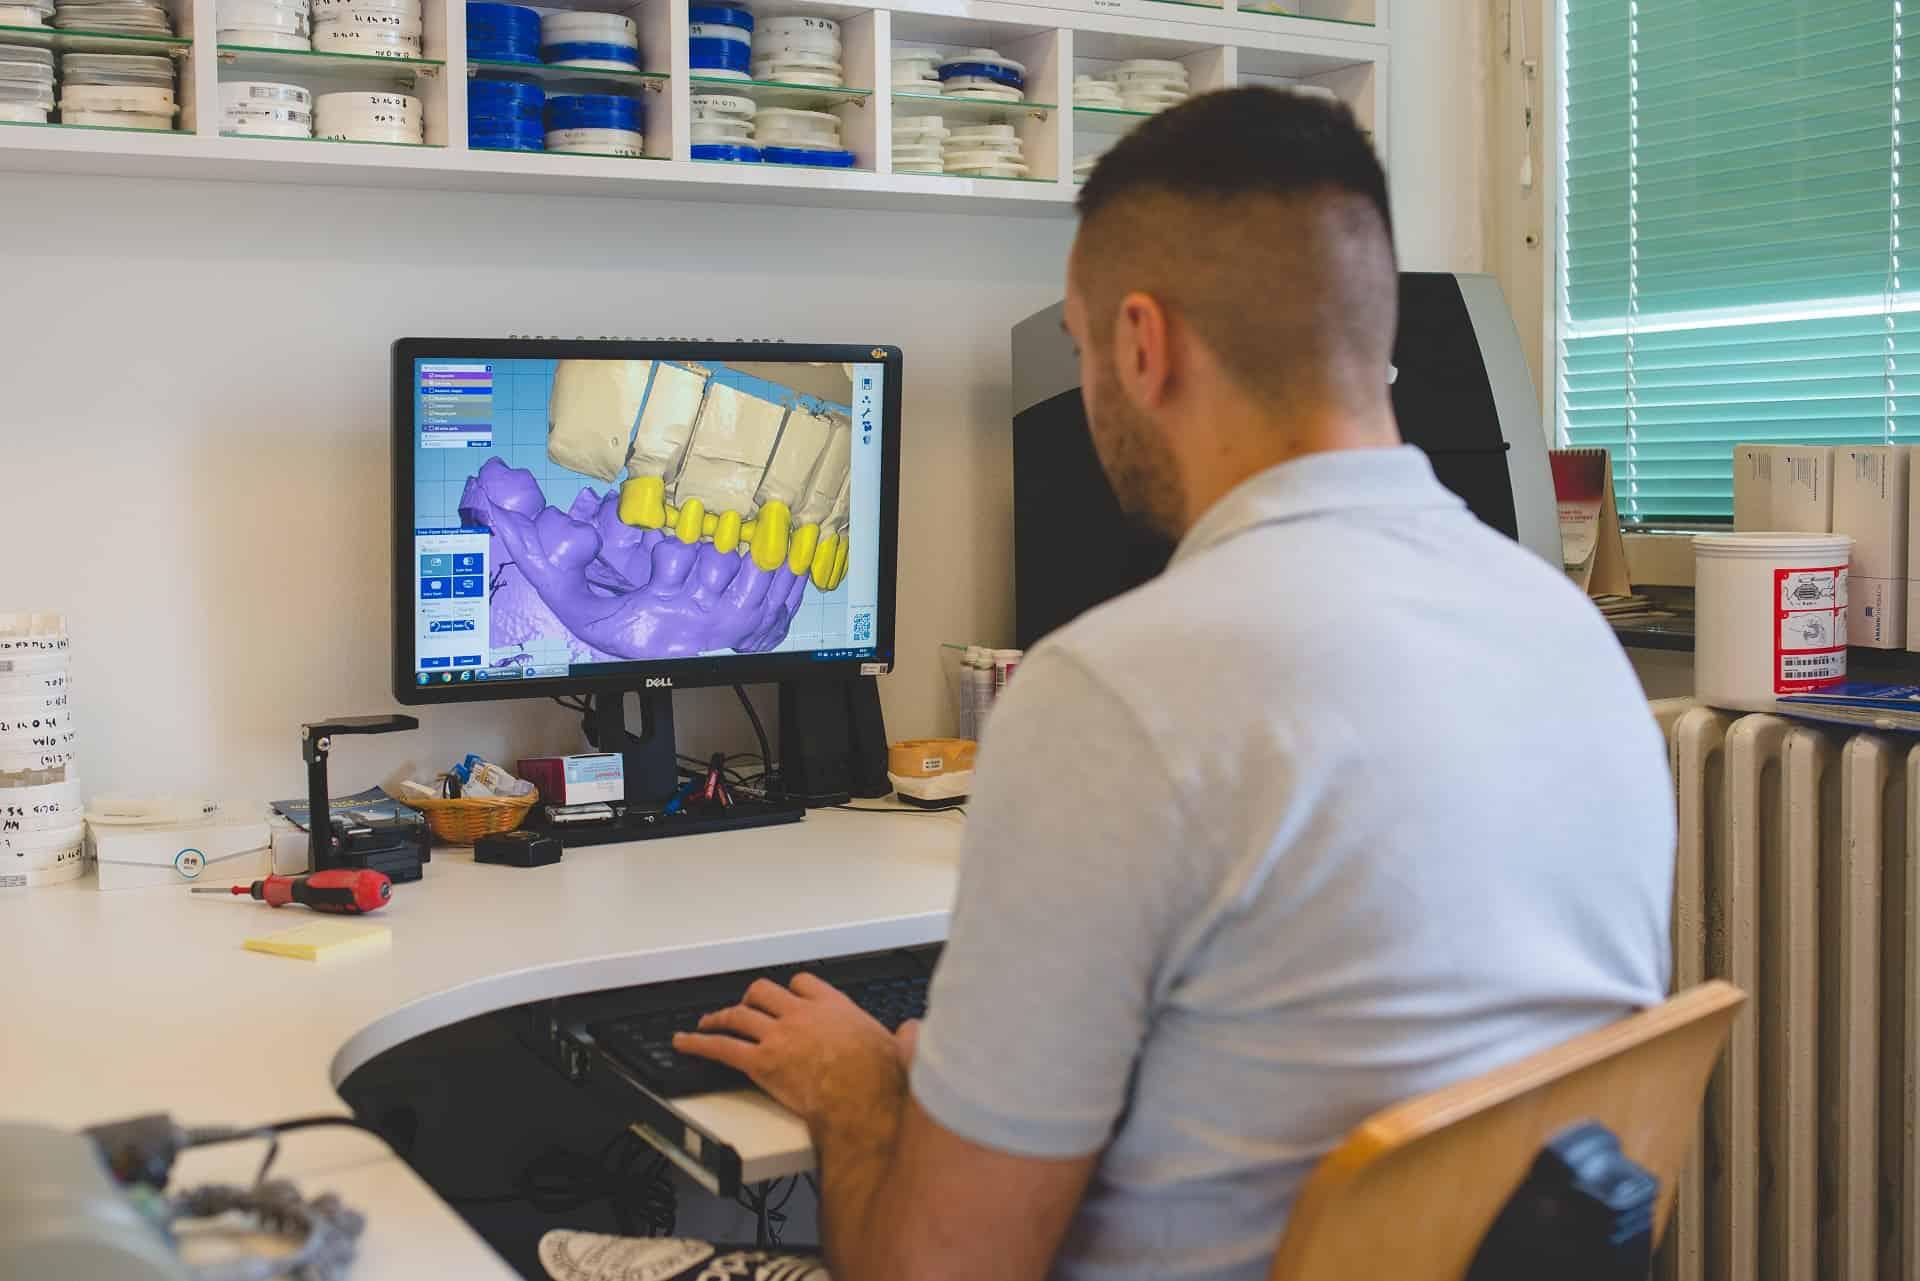 Osoba iz tima Dental Art laboratorija radi na računalu